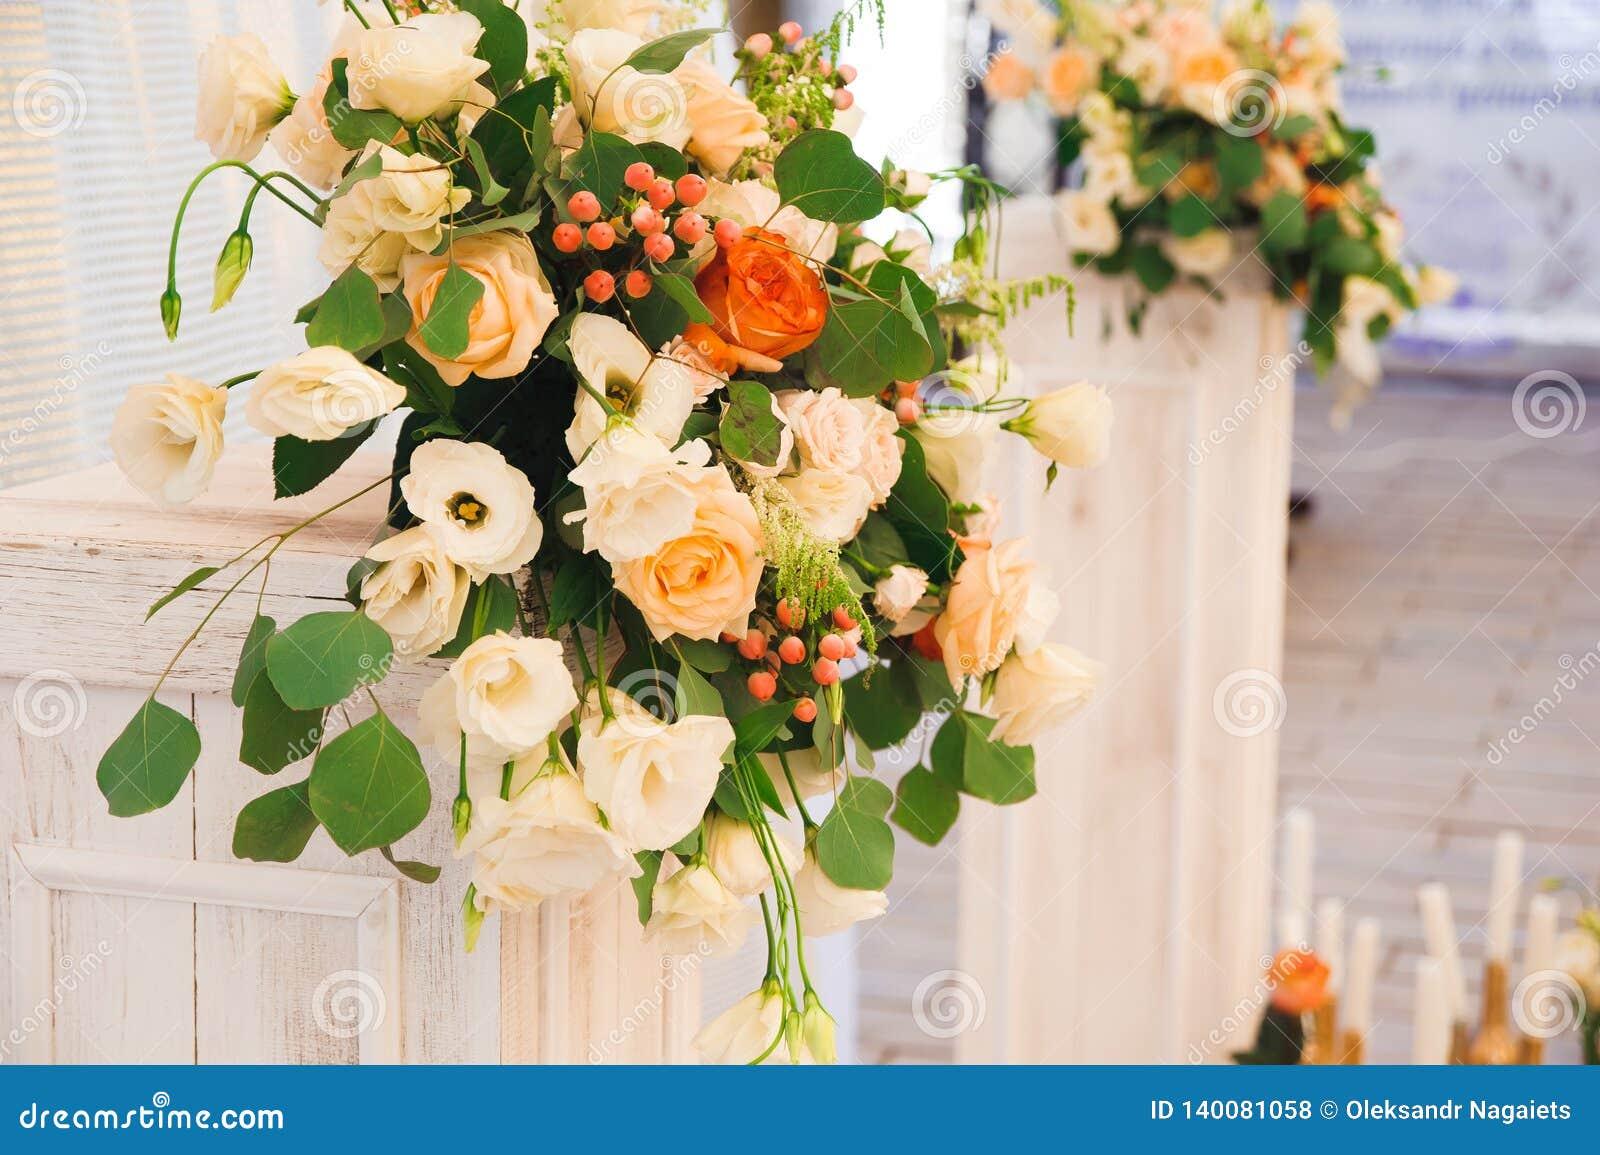 De ceremonie van het huwelijk in openlucht De decoratie van de huwelijksceremonie, mooi huwelijksdecor